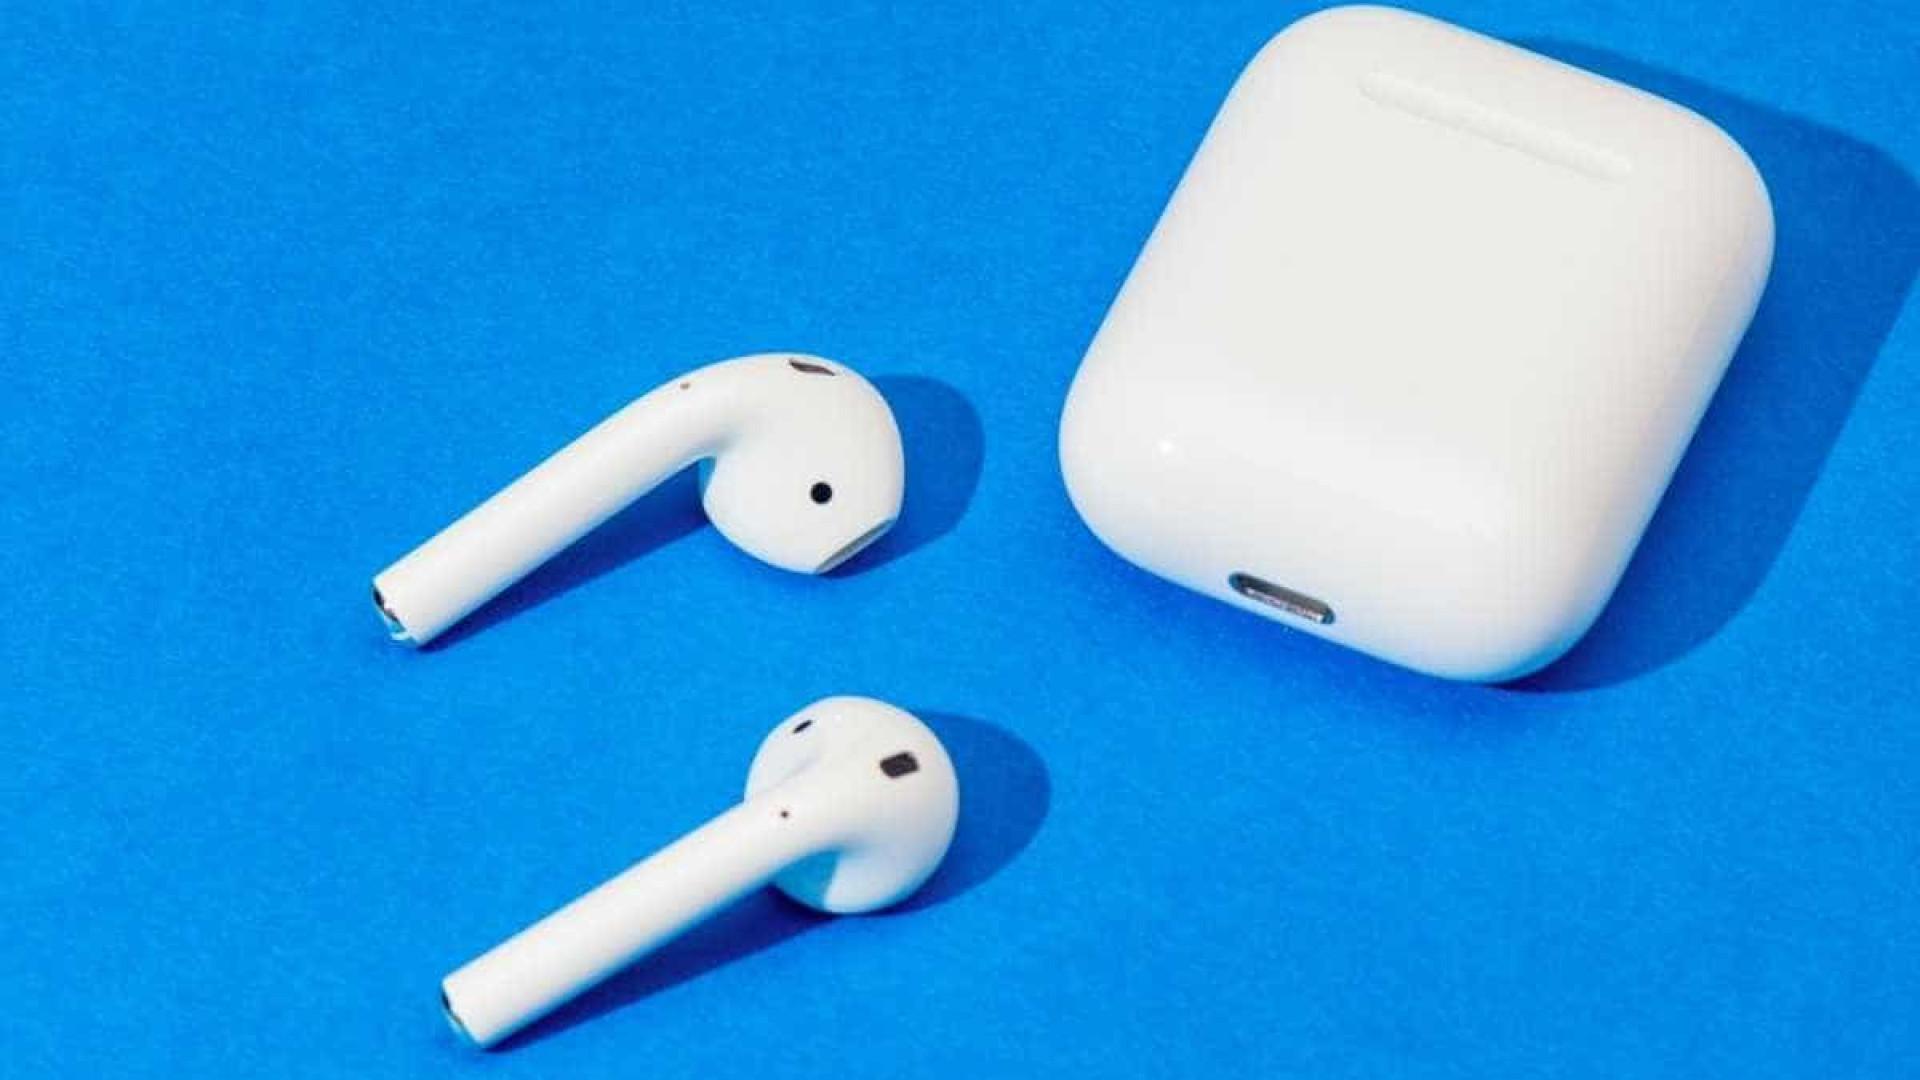 Apple confiante no crescimento do sucesso dos AirPos